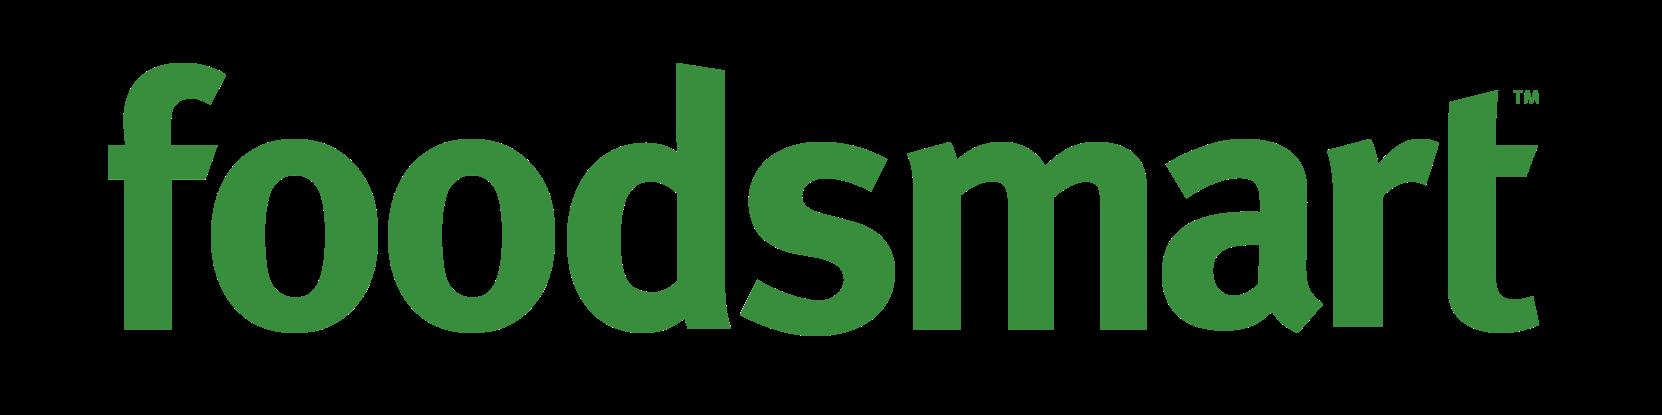 Foodsmart logo